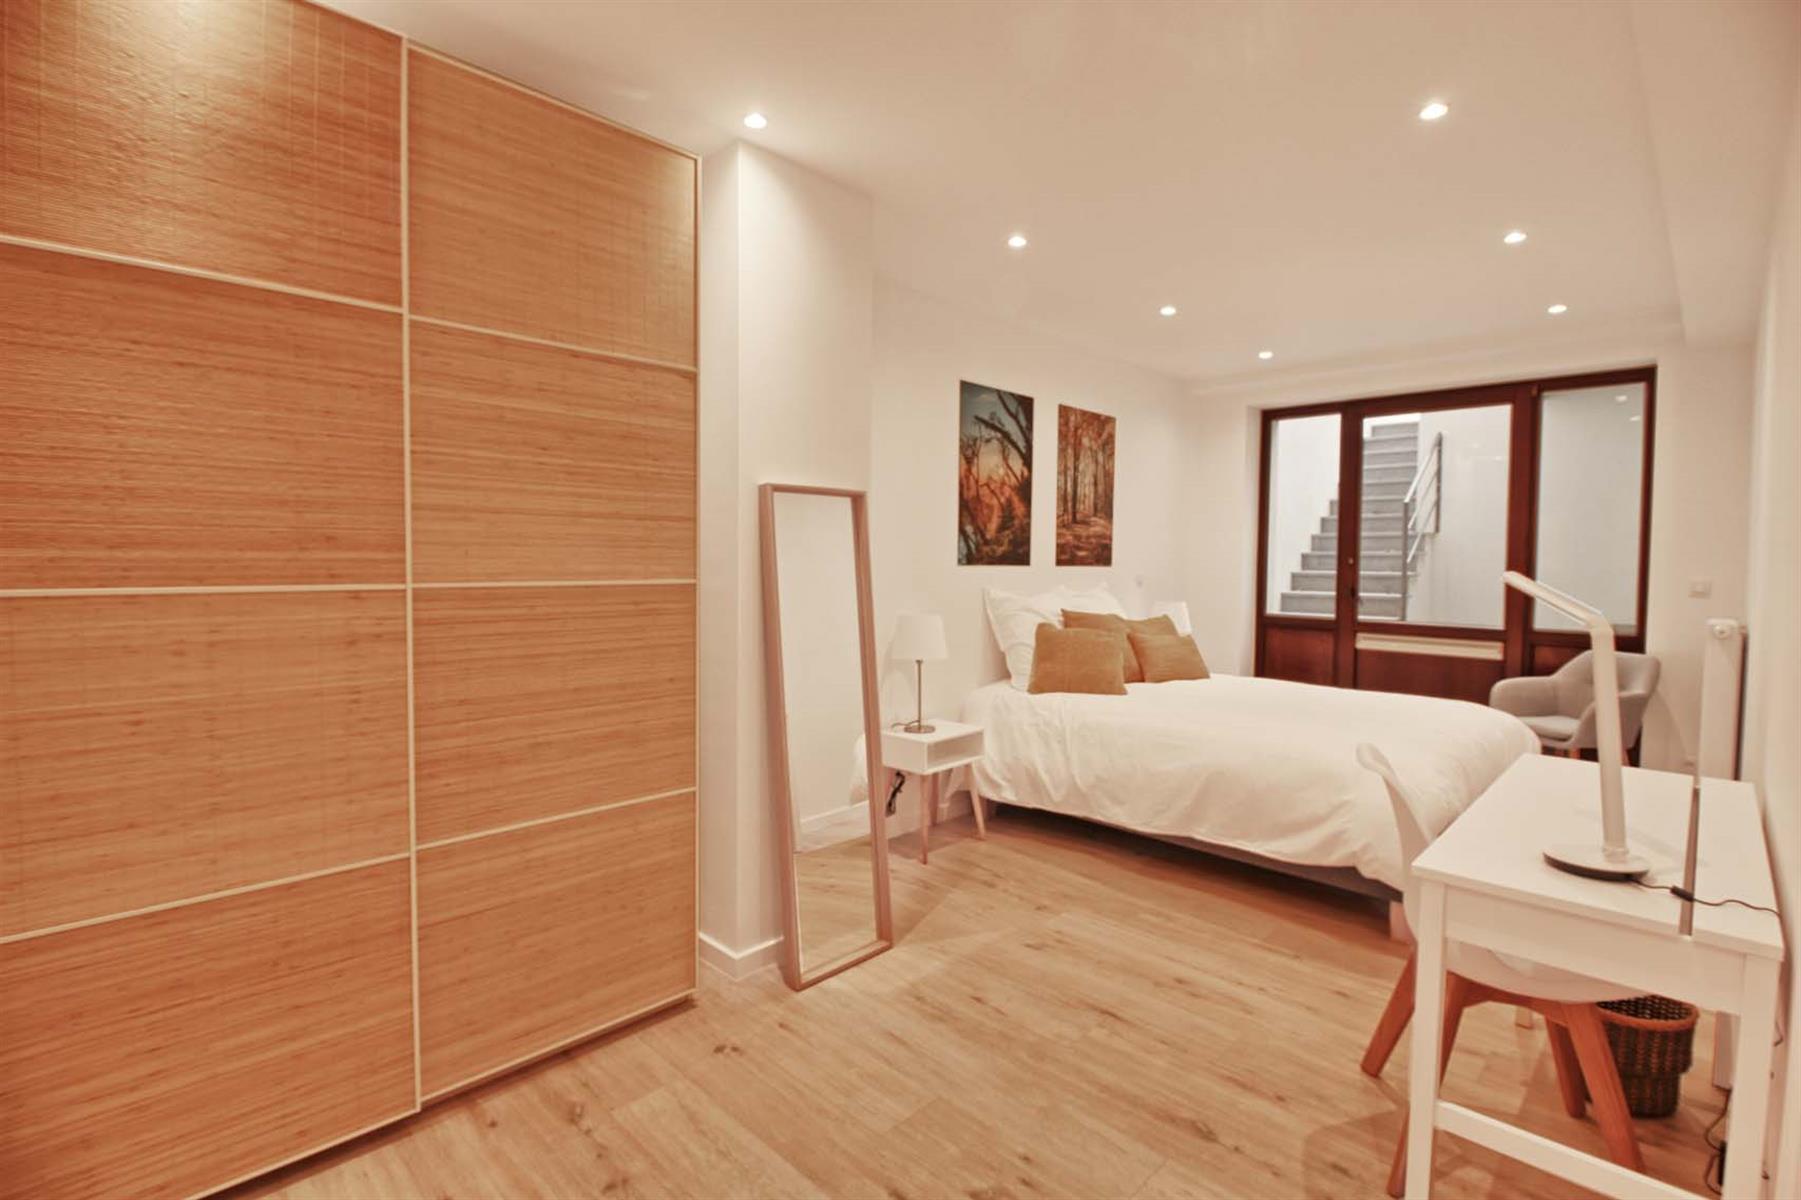 House - Ixelles - #4106764-7